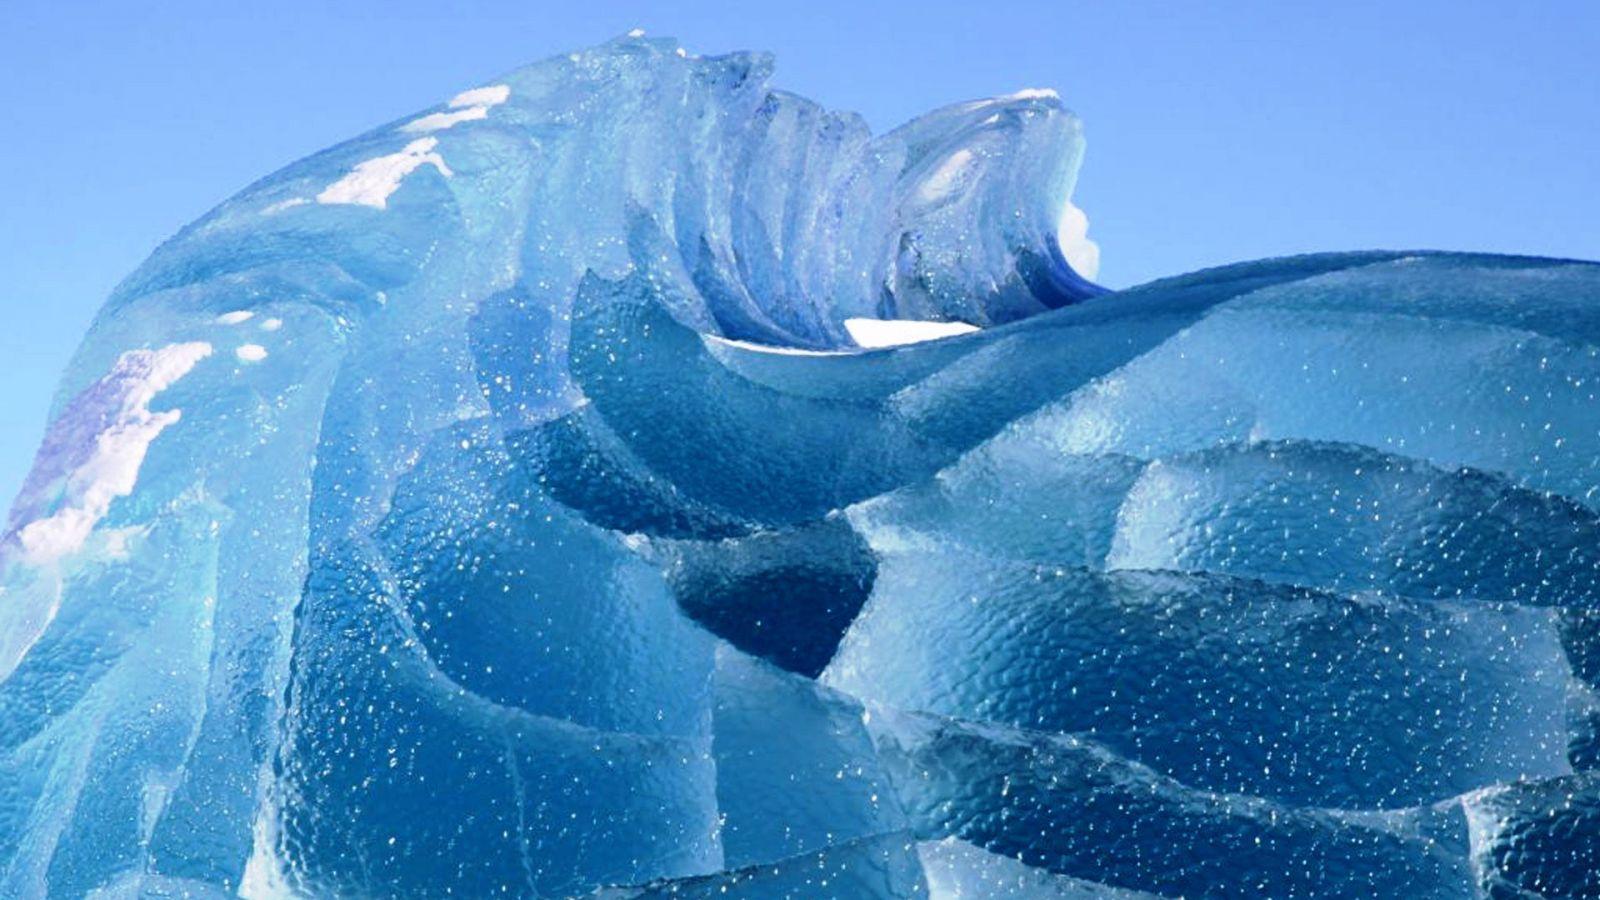 قارة انتاركتيكا المتجمدة عجائب محفوظة في الجليد شاهد الصور Frozen Waves Antarctica Amazing Nature Photos